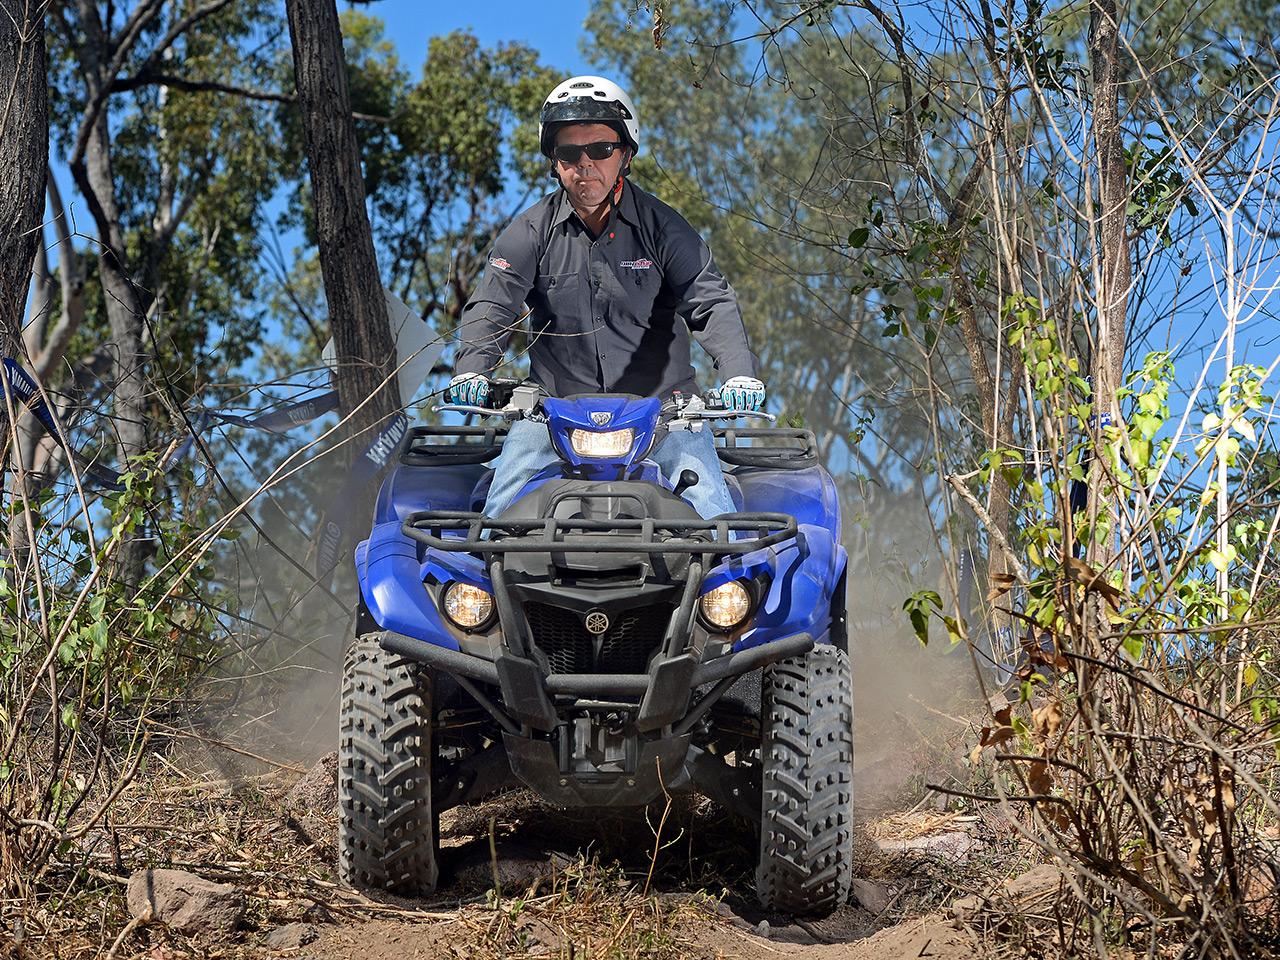 Yamaha Kodiak 700 EPS being ridden in a forest